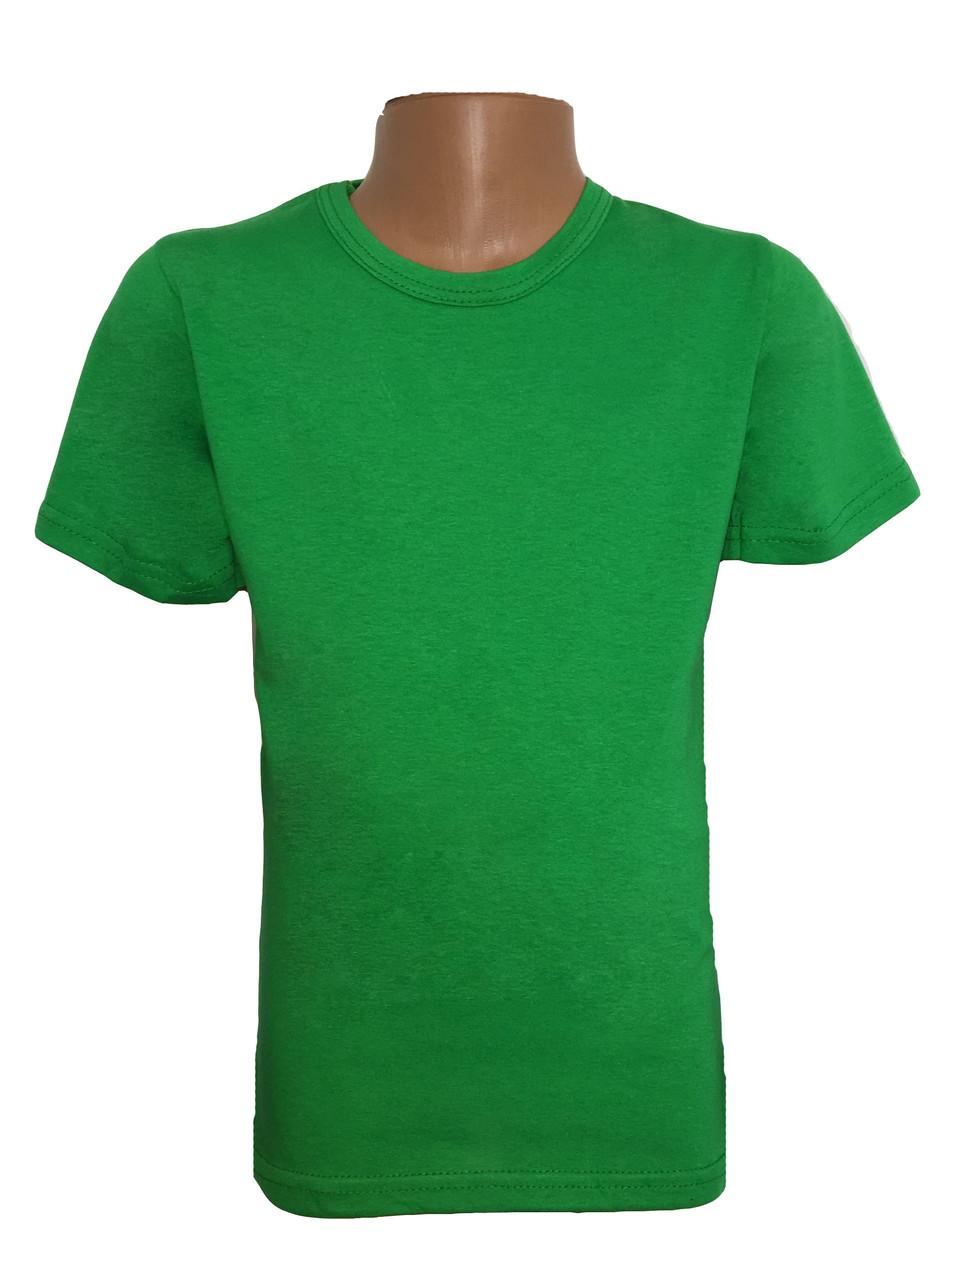 Футболка подростковая зелёная